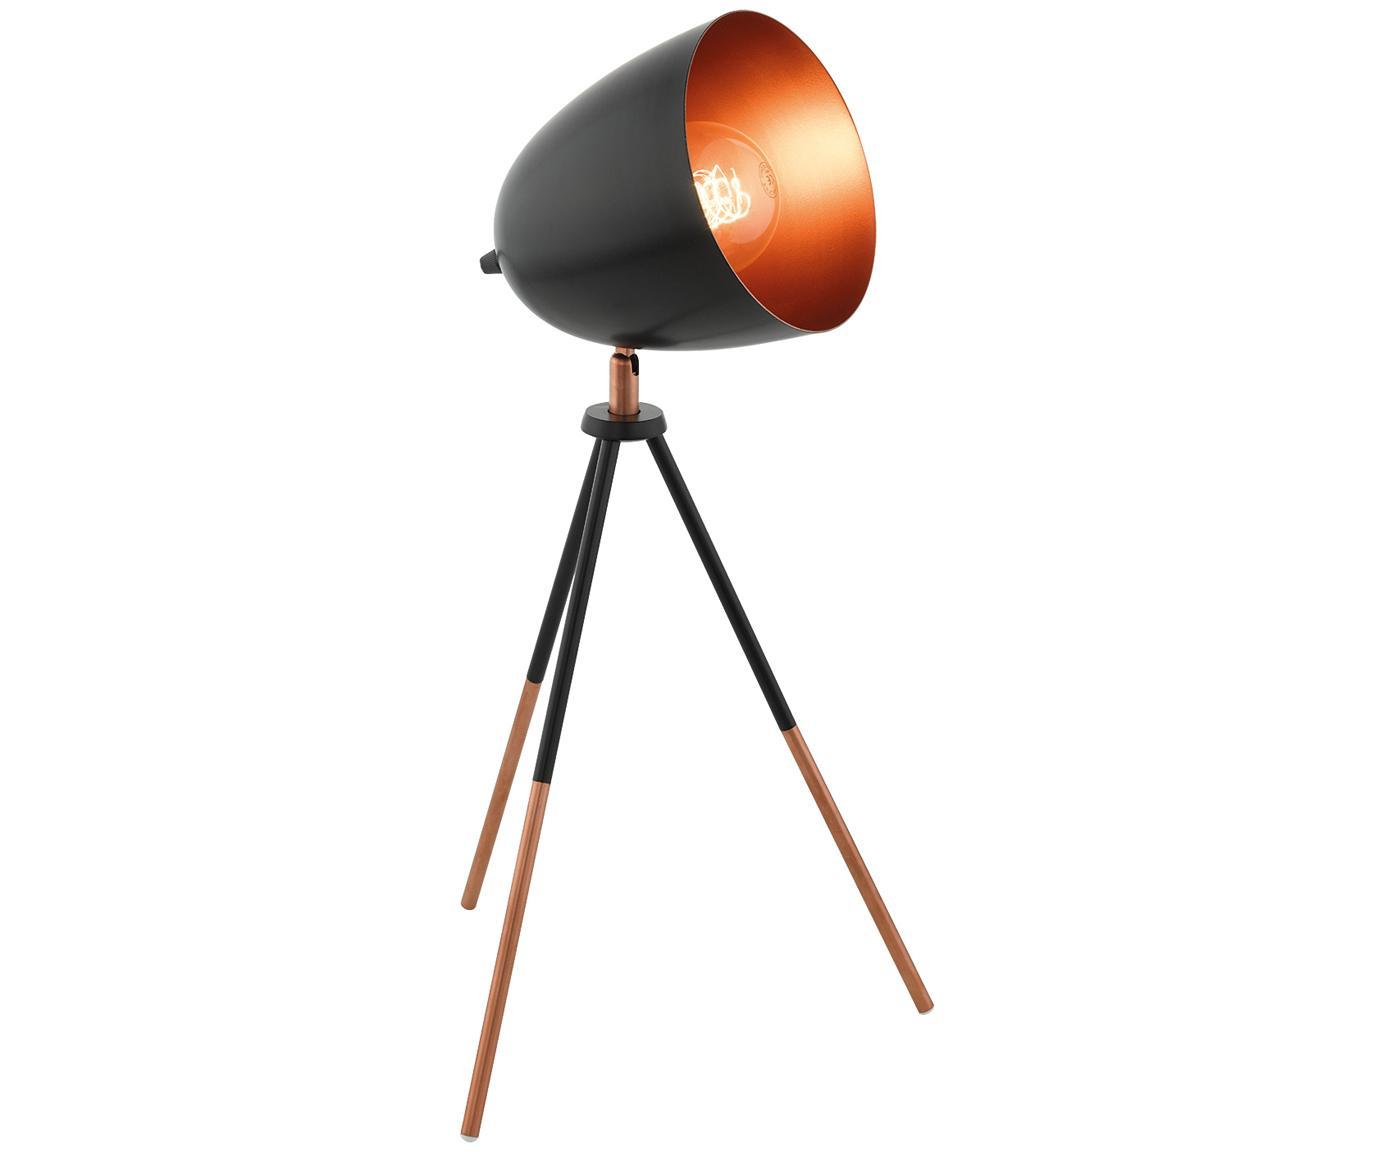 Lampada da tavolo industriale Luna, Acciaio, verniciato a polvere, ramato, Base della lampada: nero, rame Paralume esterno: nero, Larg. 29 x Alt. 44 cm